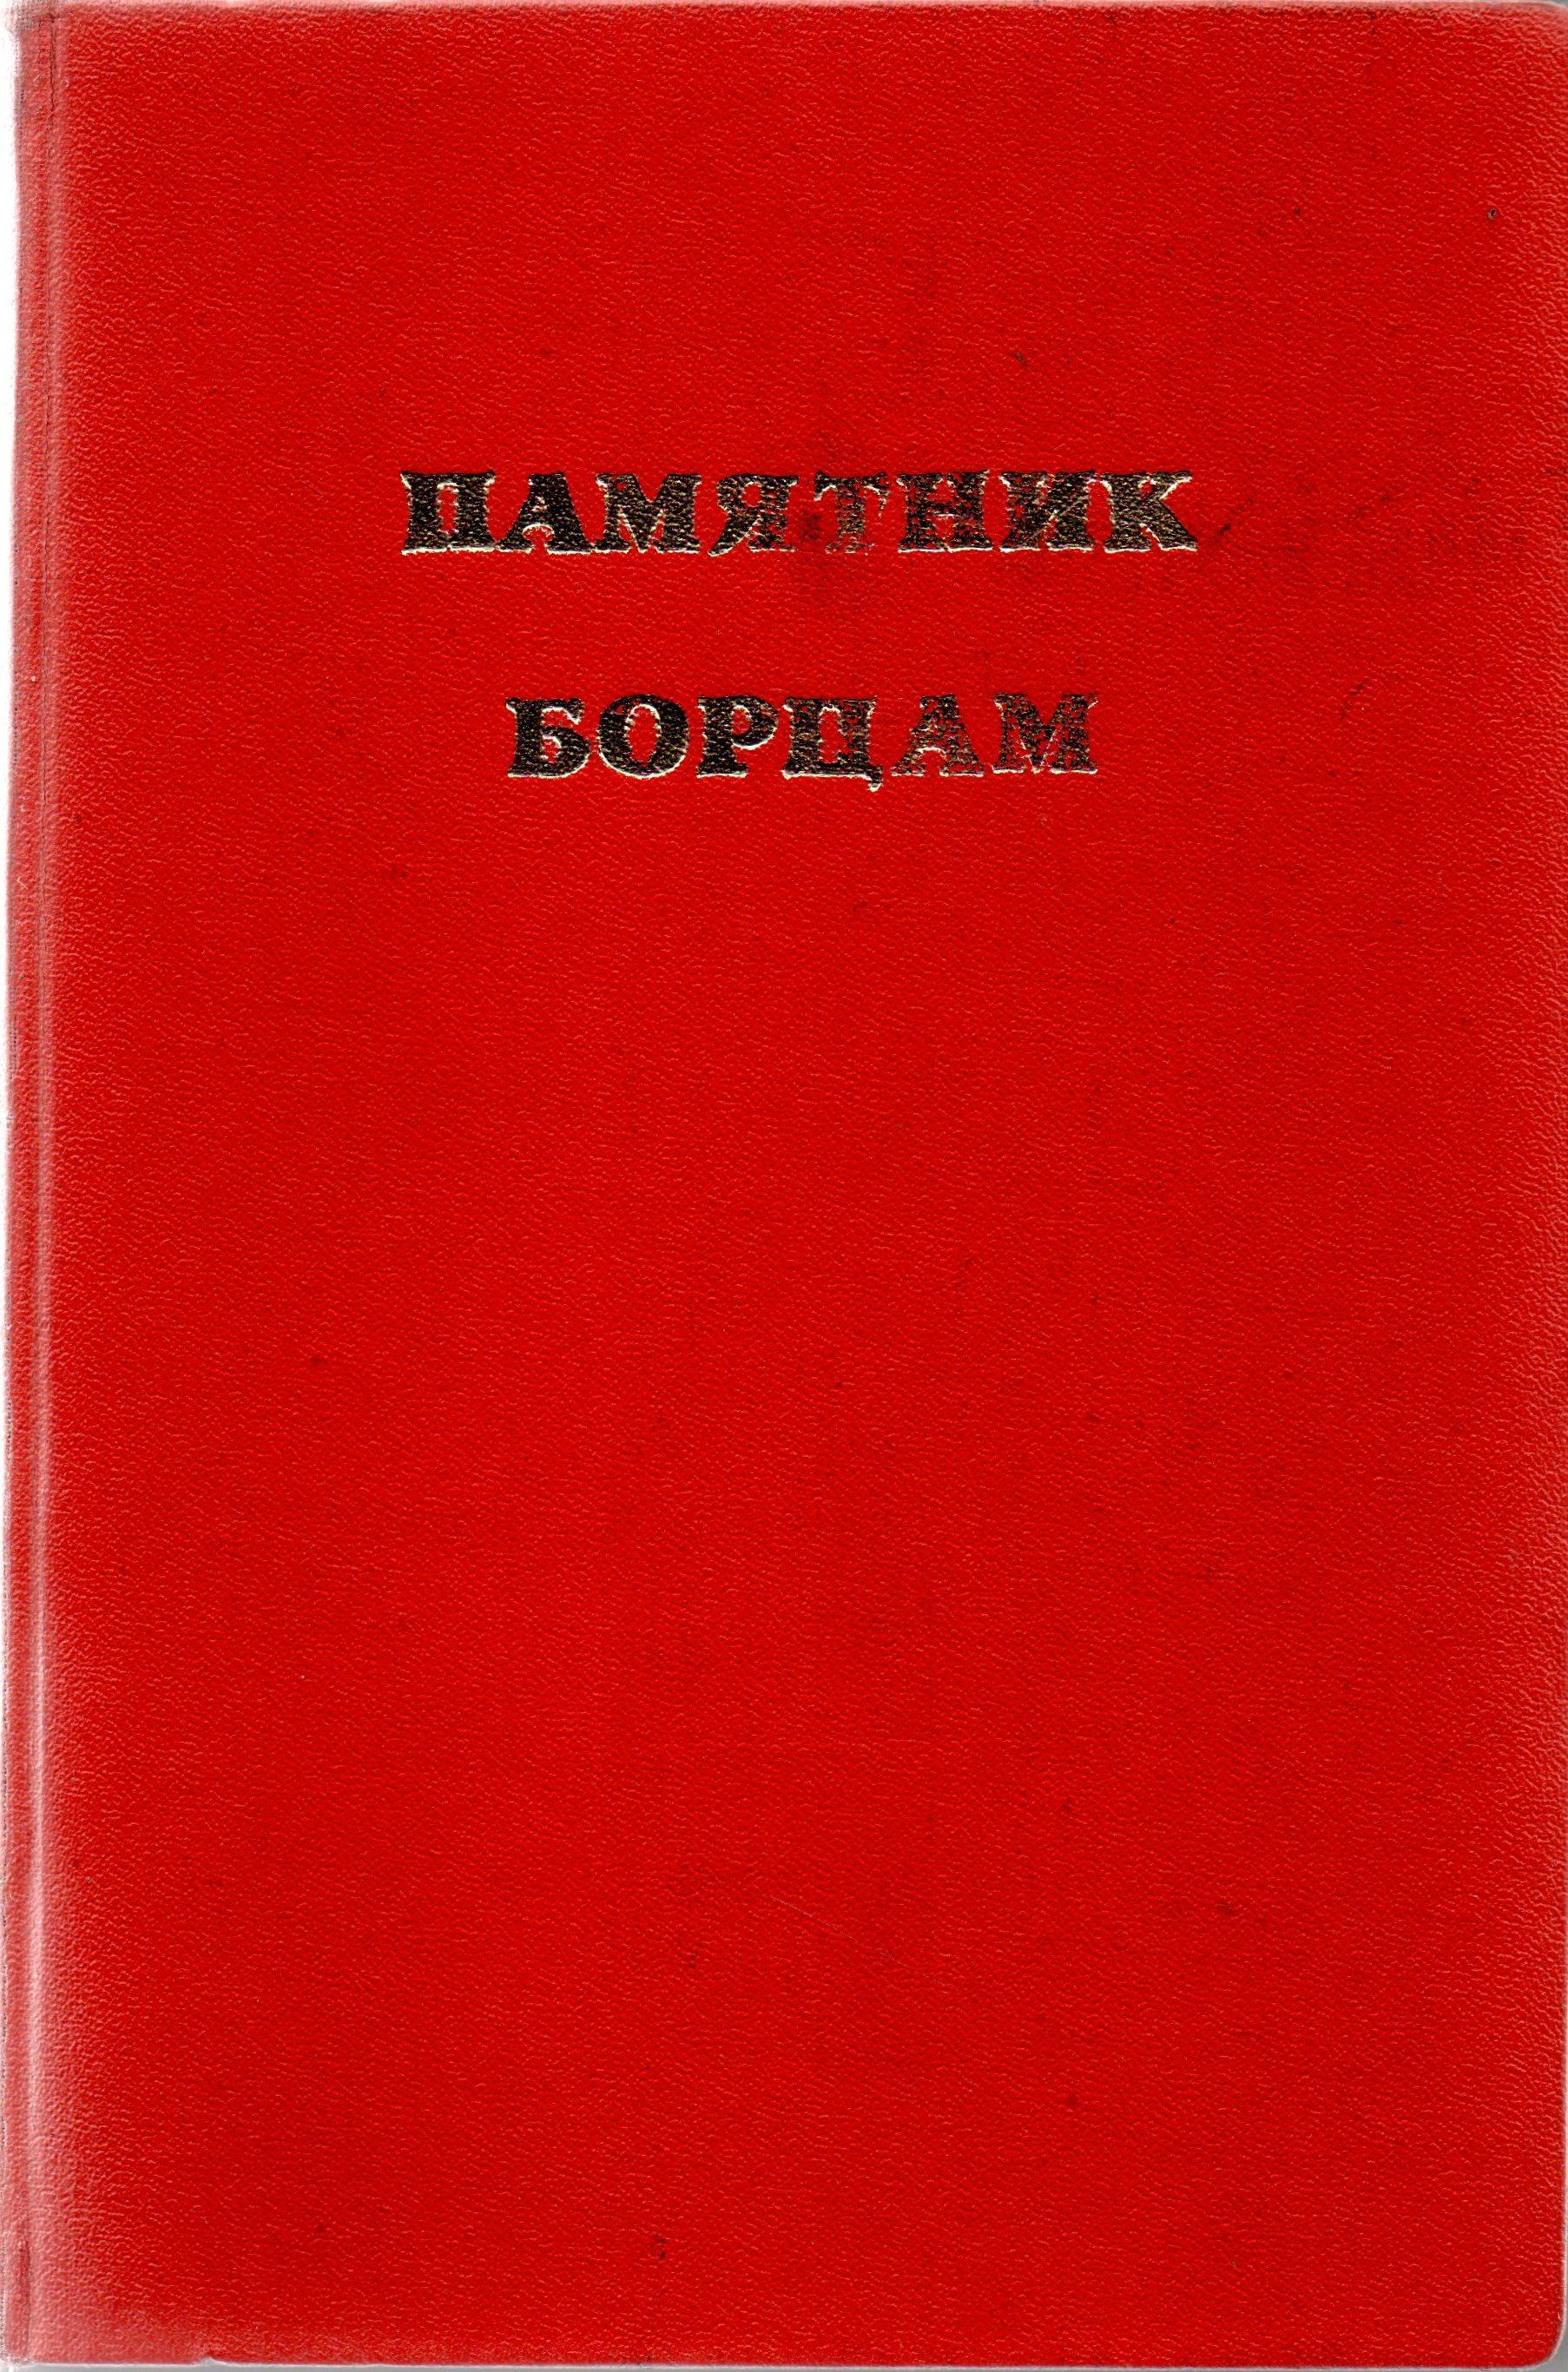 """Книга """"Памятник борцам"""""""